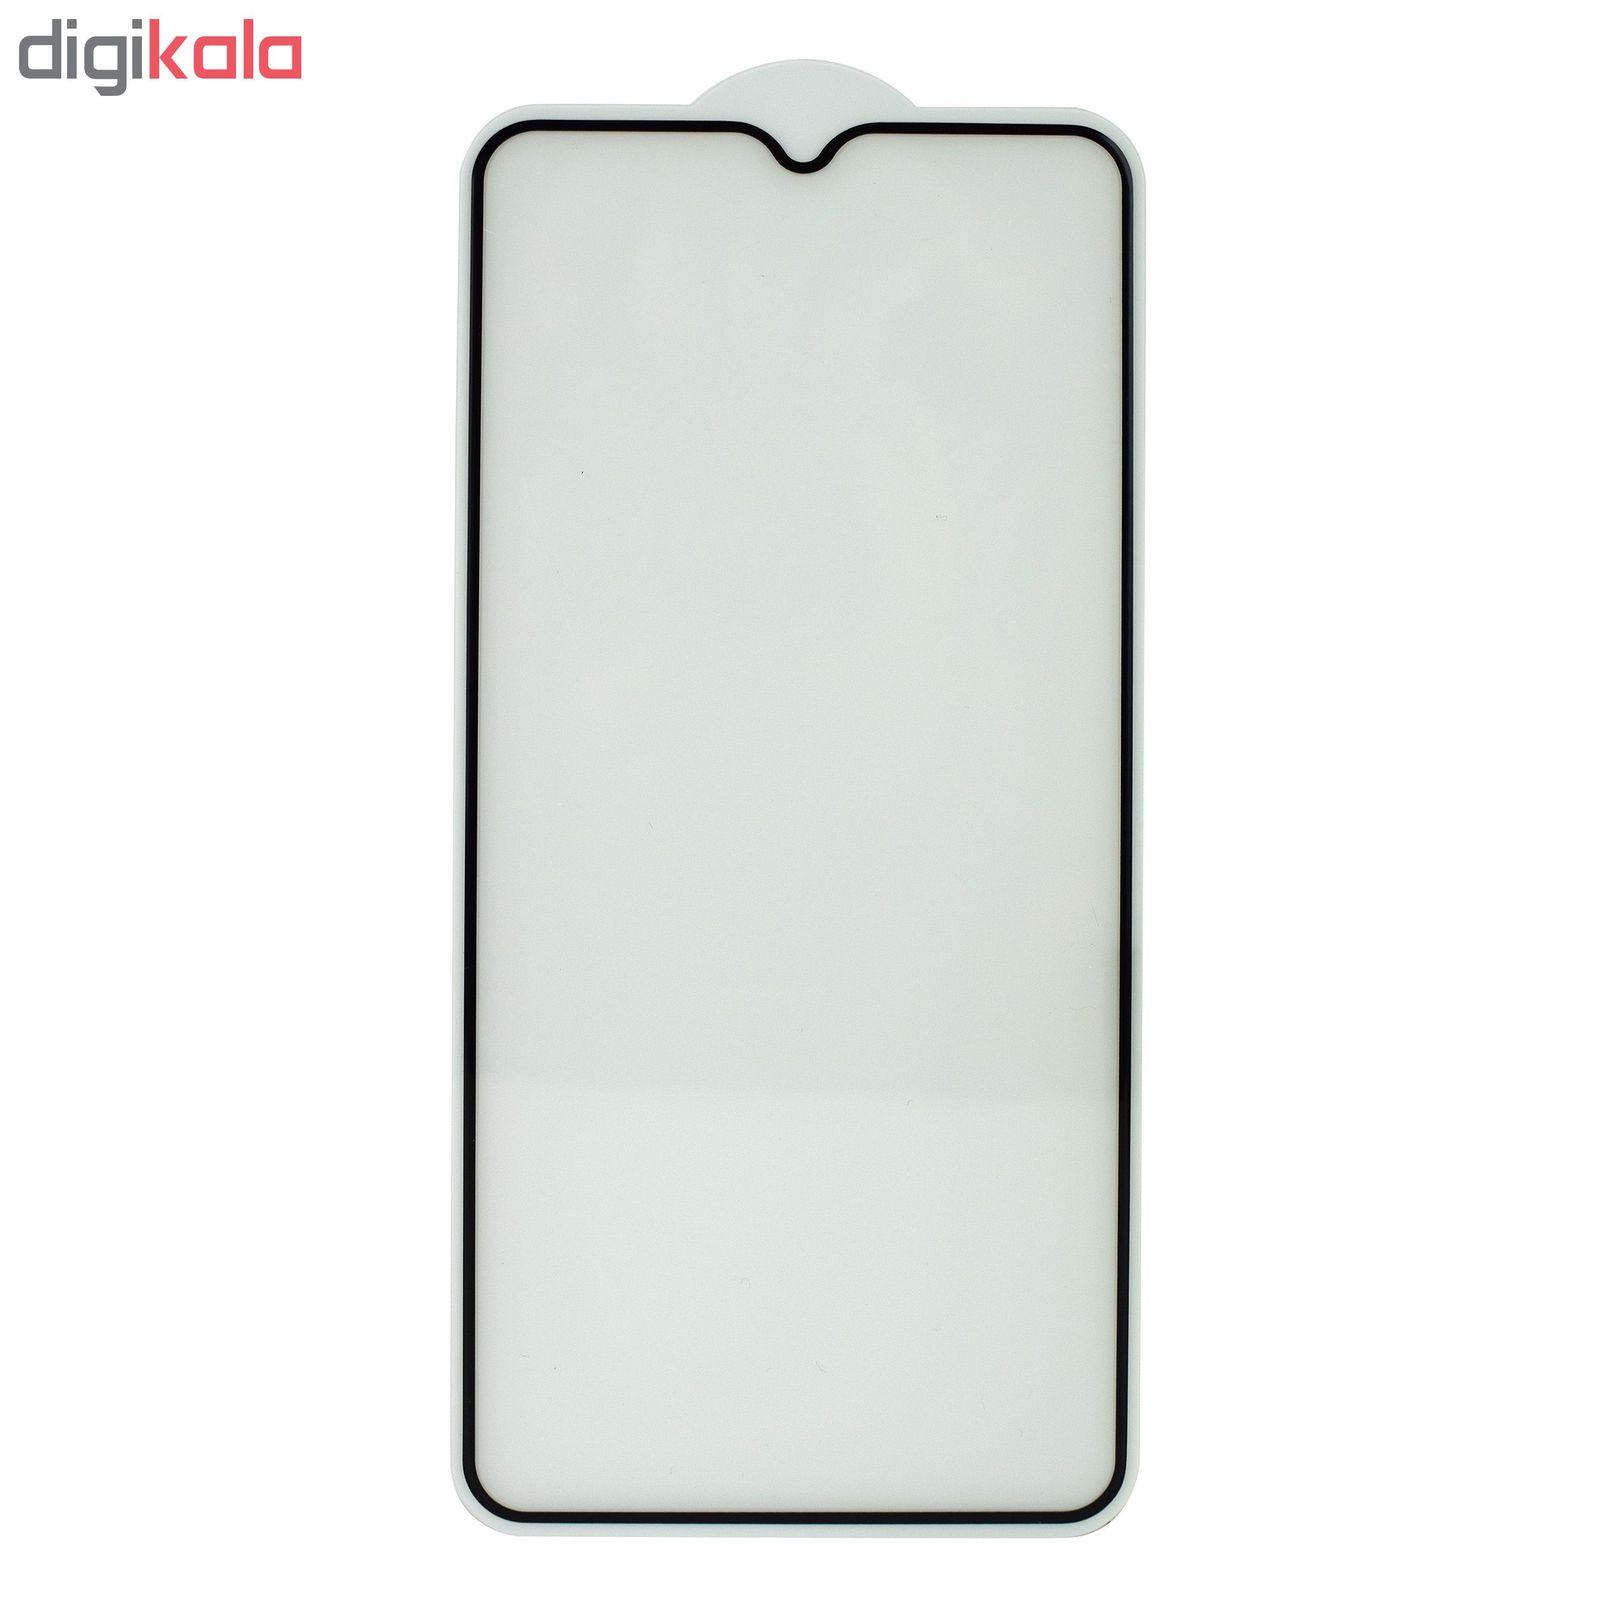 محافظ صفحه نمایش مدل CF3 مناسب برای گوشی موبایل شیائومی Redmi 8 main 1 1